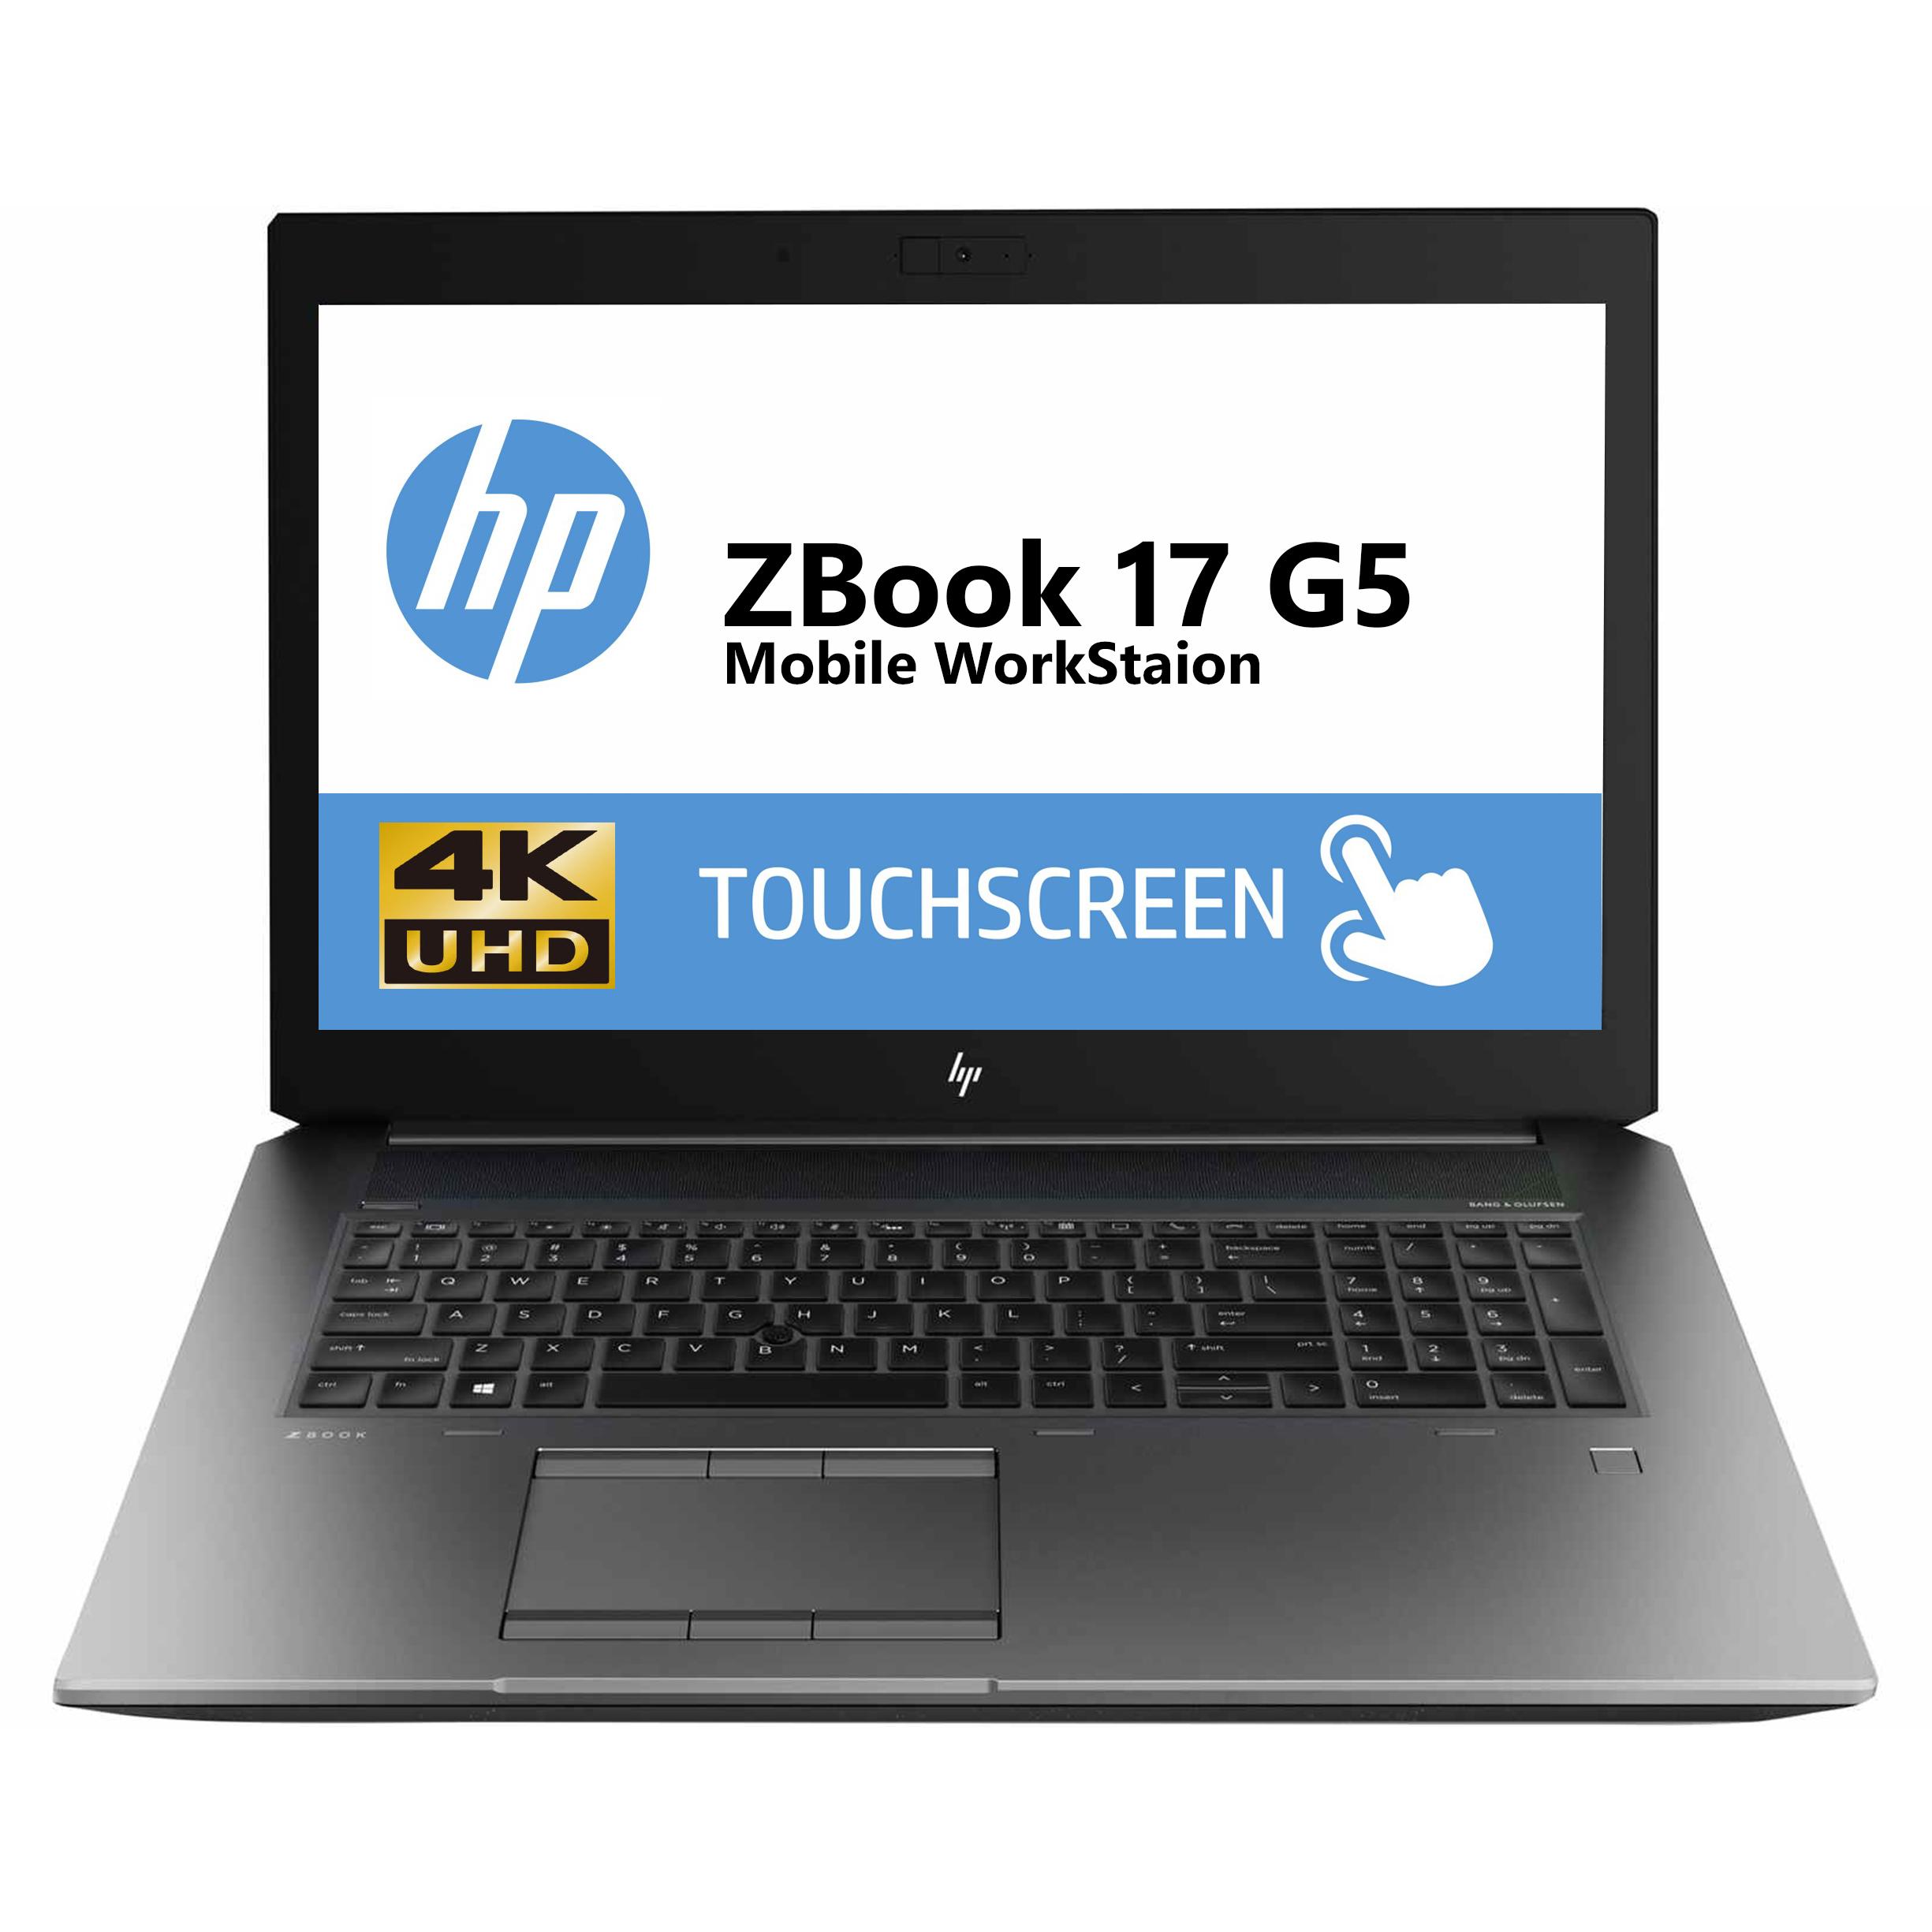 لپ تاپ 17 اینچی اچ پی مدل ZBook 17 G5 Mobile Workstation - M